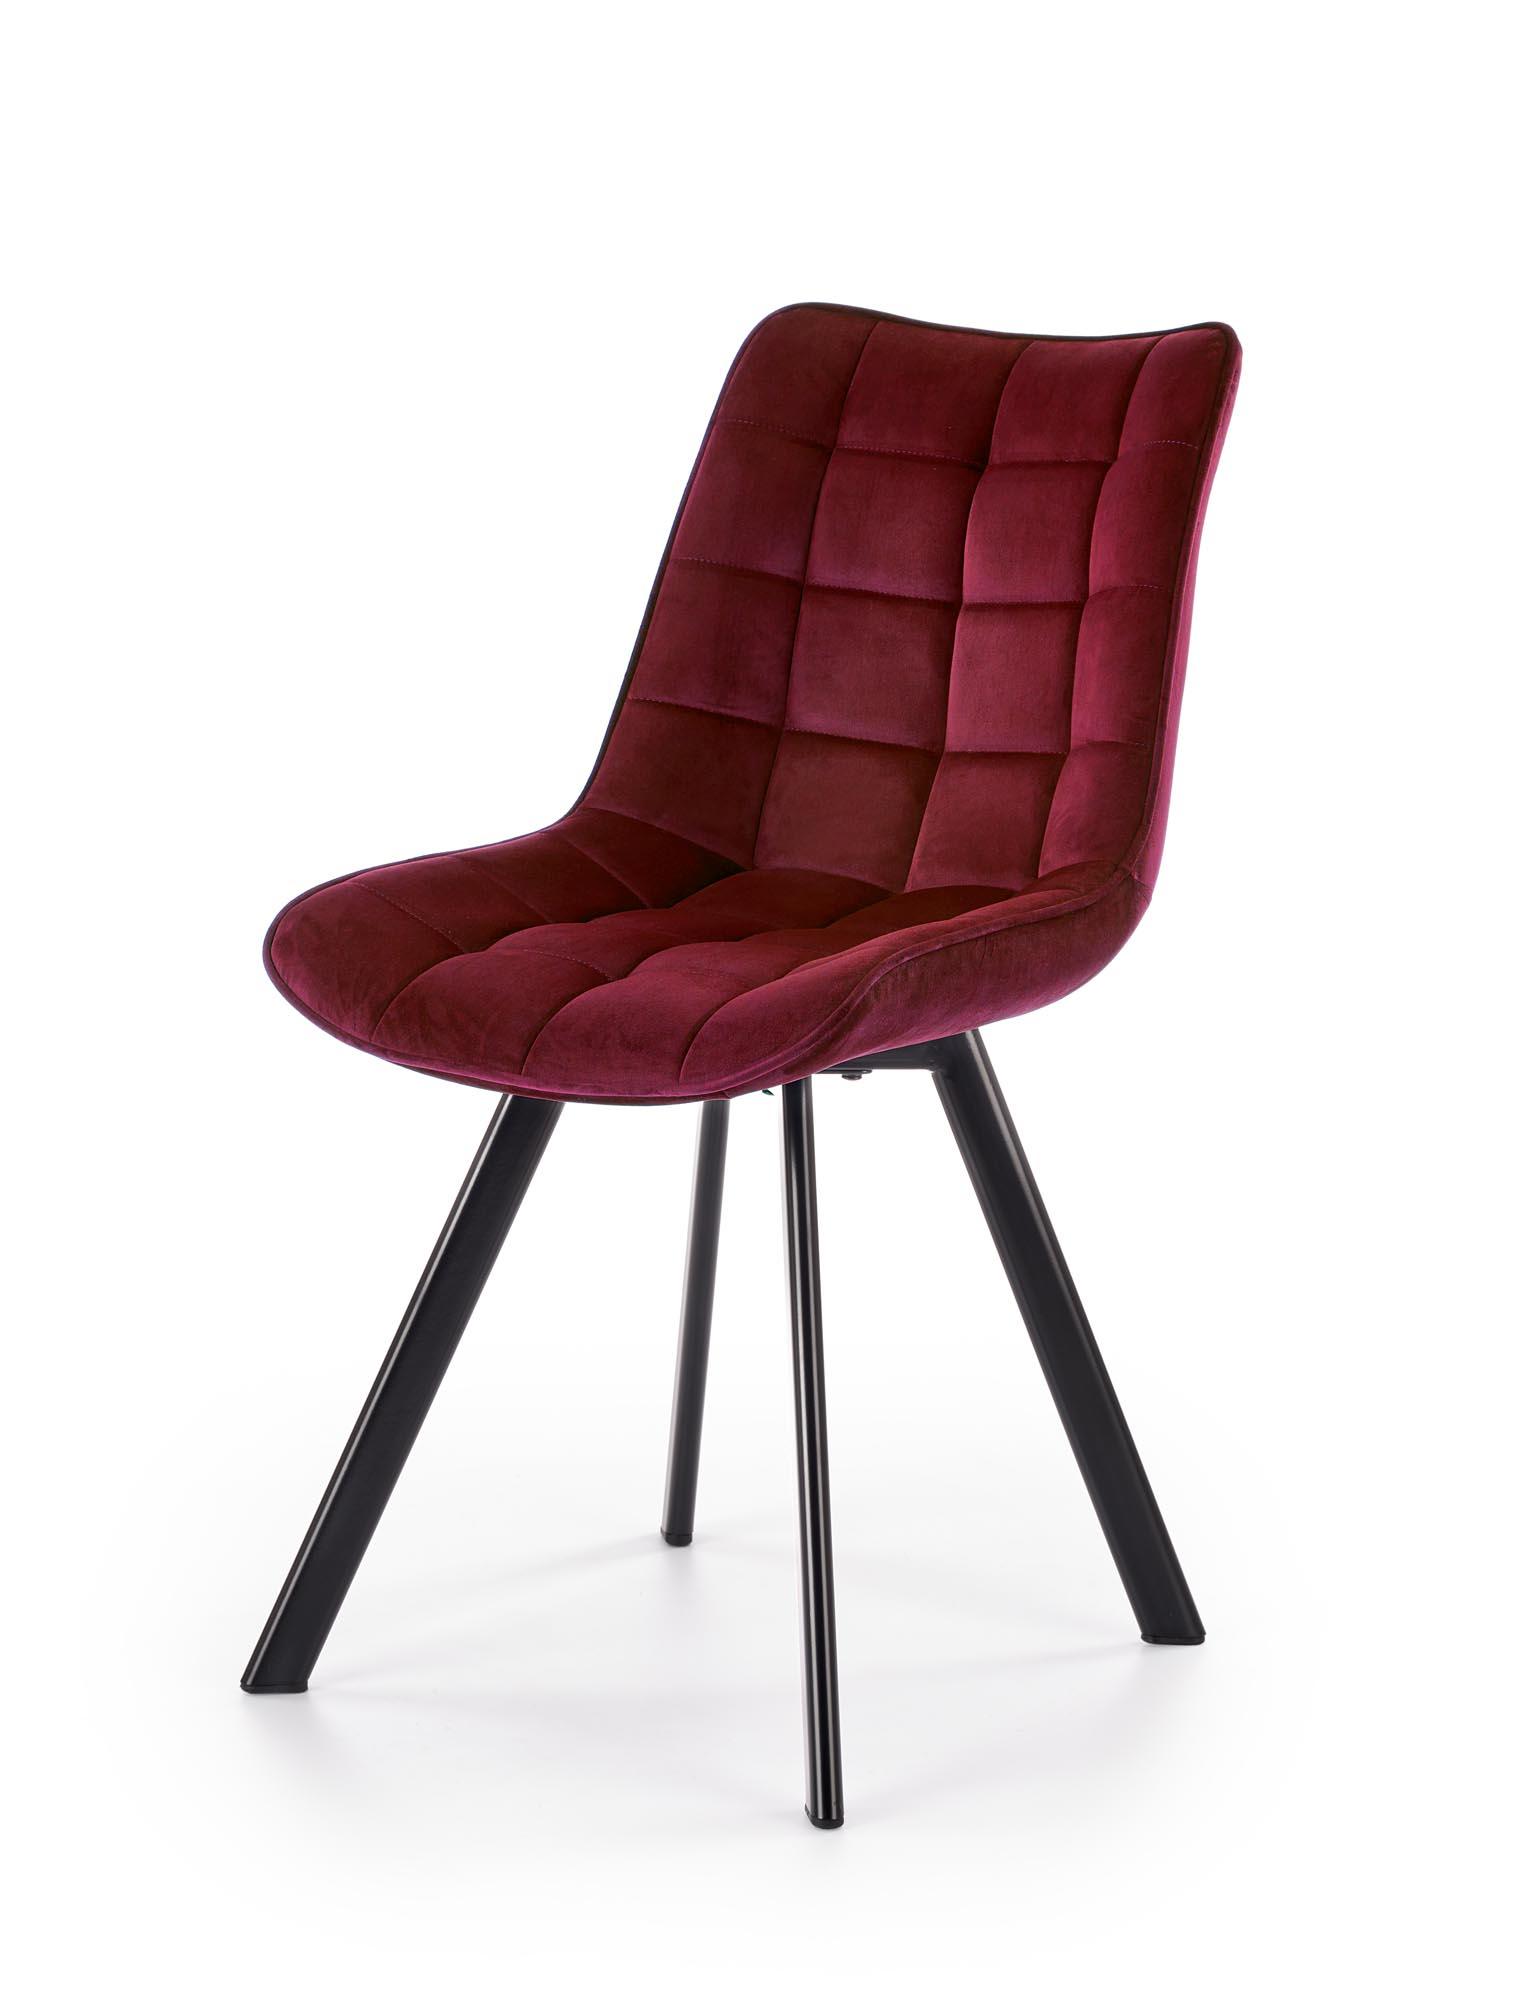 K332 krzesło nogi - czarne, siedzisko - bordowy (1p=2szt)